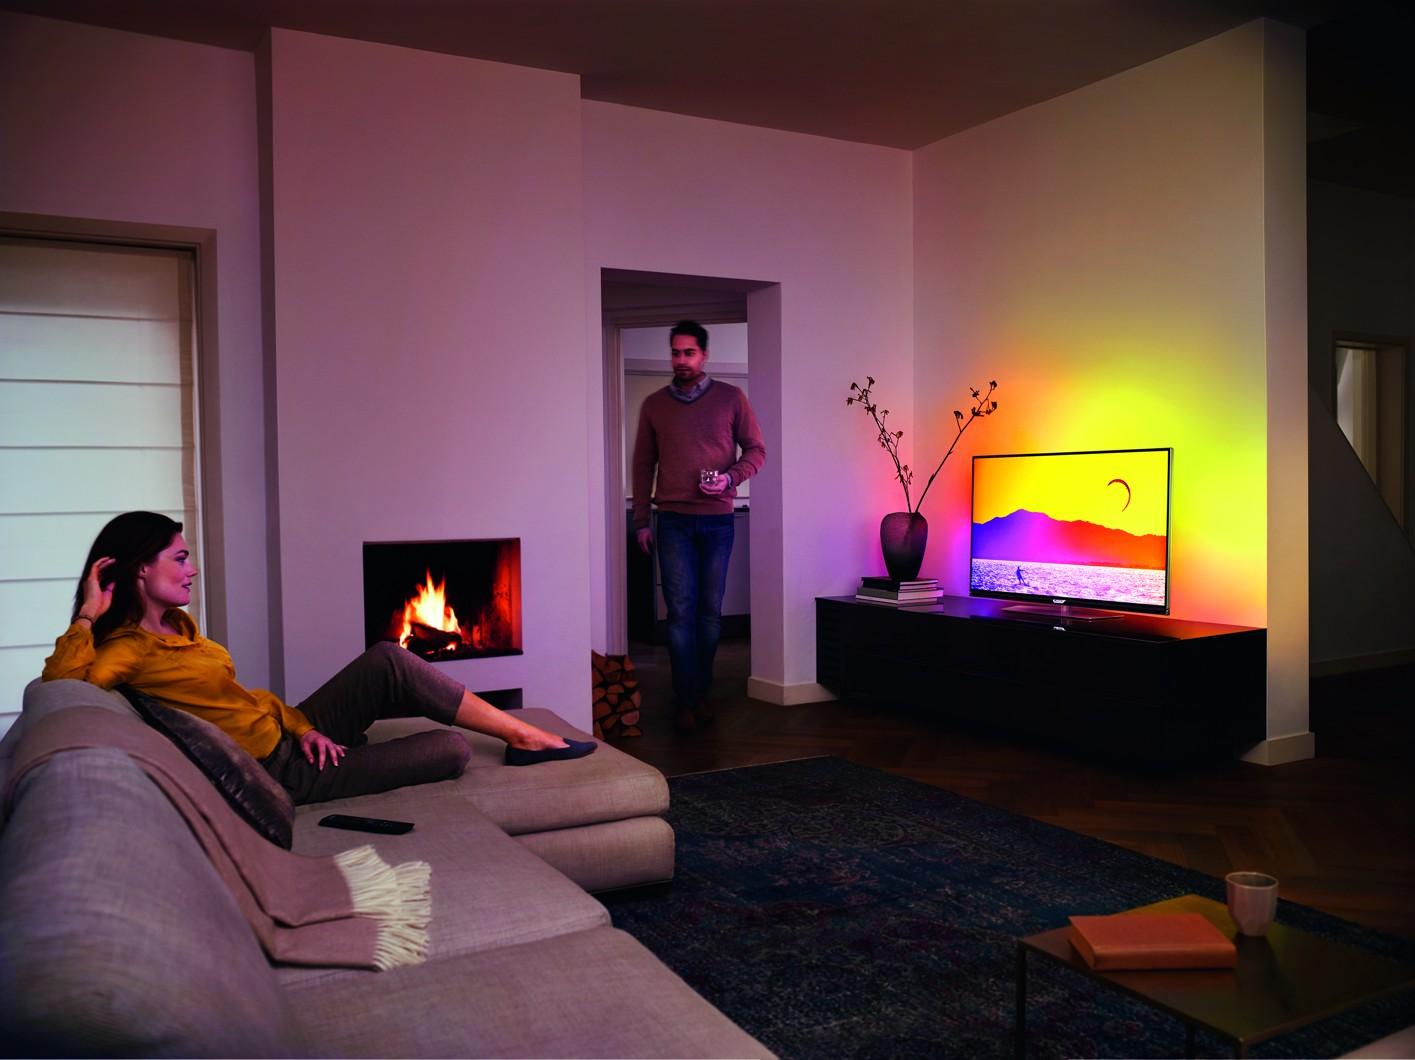 Televizory Philips s operačním systémem Android Lollipop